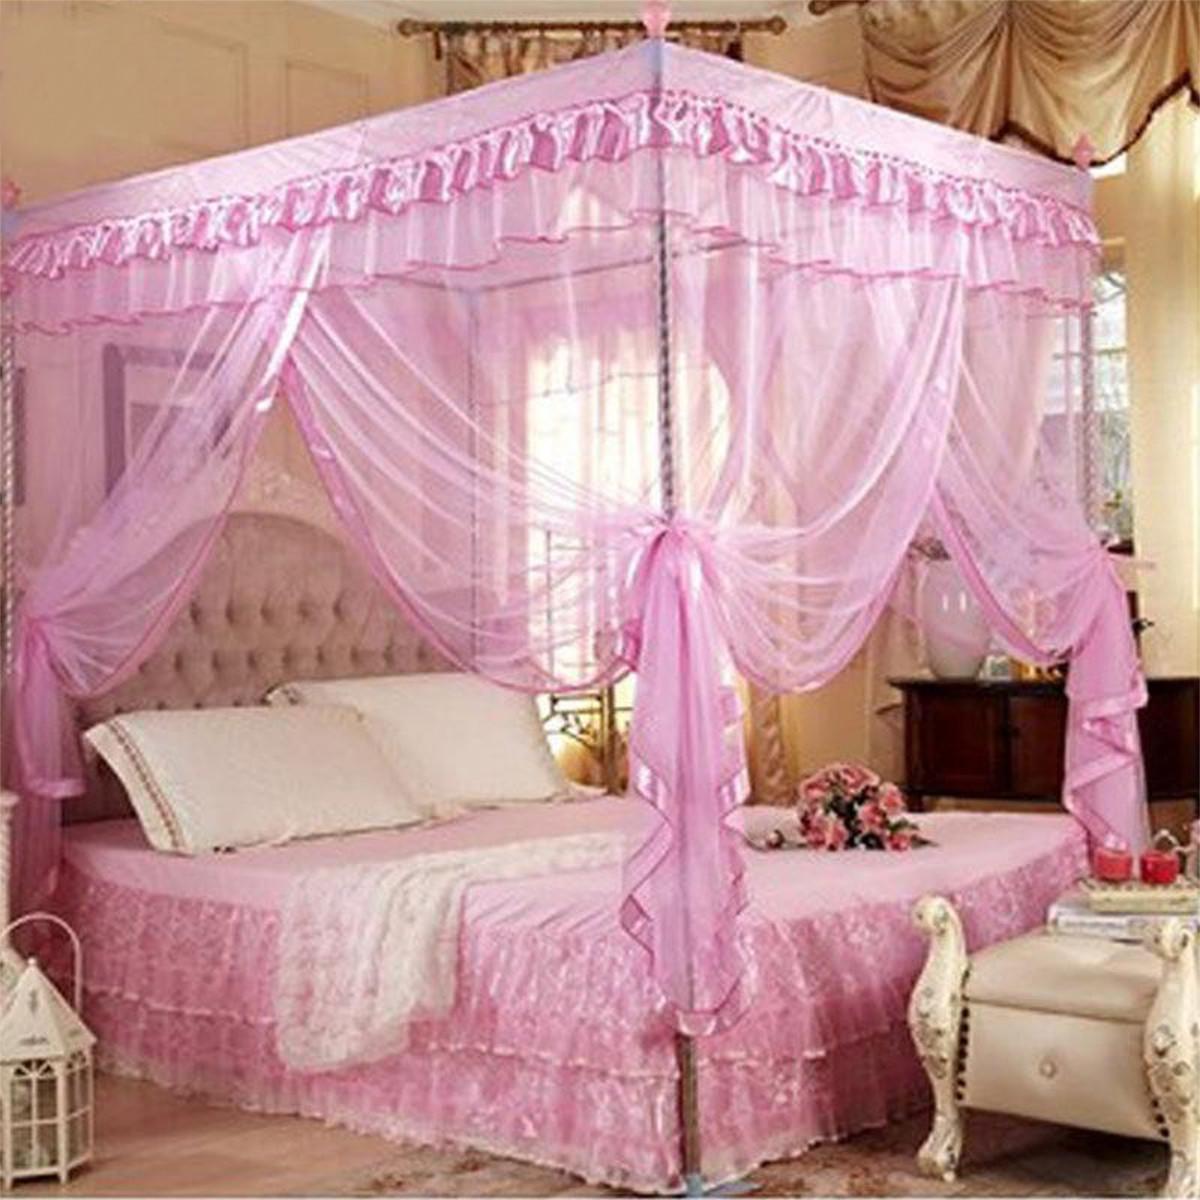 Fabuleux TEMPSA Moustiquaire Ciel De Lit Dome Pr Déco Maison Rose 180*200cm  BW03